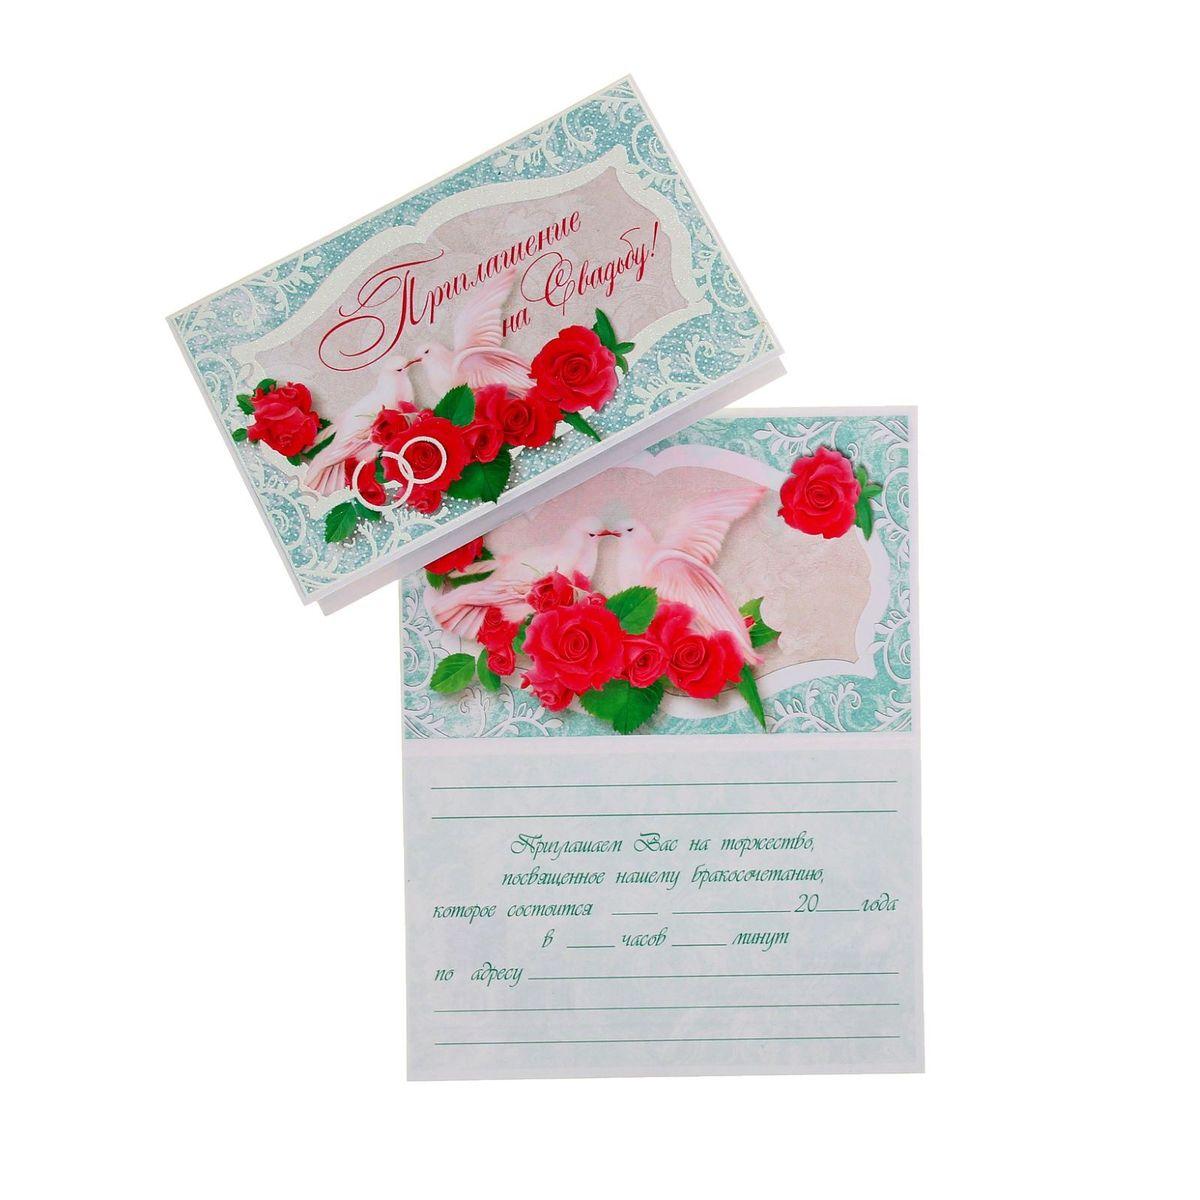 Приглашение на свадьбу Русский дизайн Голуби и розы, 18 х 14 см19201Красивая свадебная пригласительная открытка станет незаменимым атрибутом подготовки к предстоящему торжеству и позволит объявить самым дорогим вам людям о важном событии в вашей жизни. Приглашение на свадьбу Русский дизайн Голуби и розы, выполненное изкартона, отличается не только оригинальным дизайном, но и высоким качеством. Внутри - текстприглашения. Вам остается заполнить необходимые строки и раздать гостям.Устройте себе незабываемую свадьбу! Размер: 18 х 14 см.